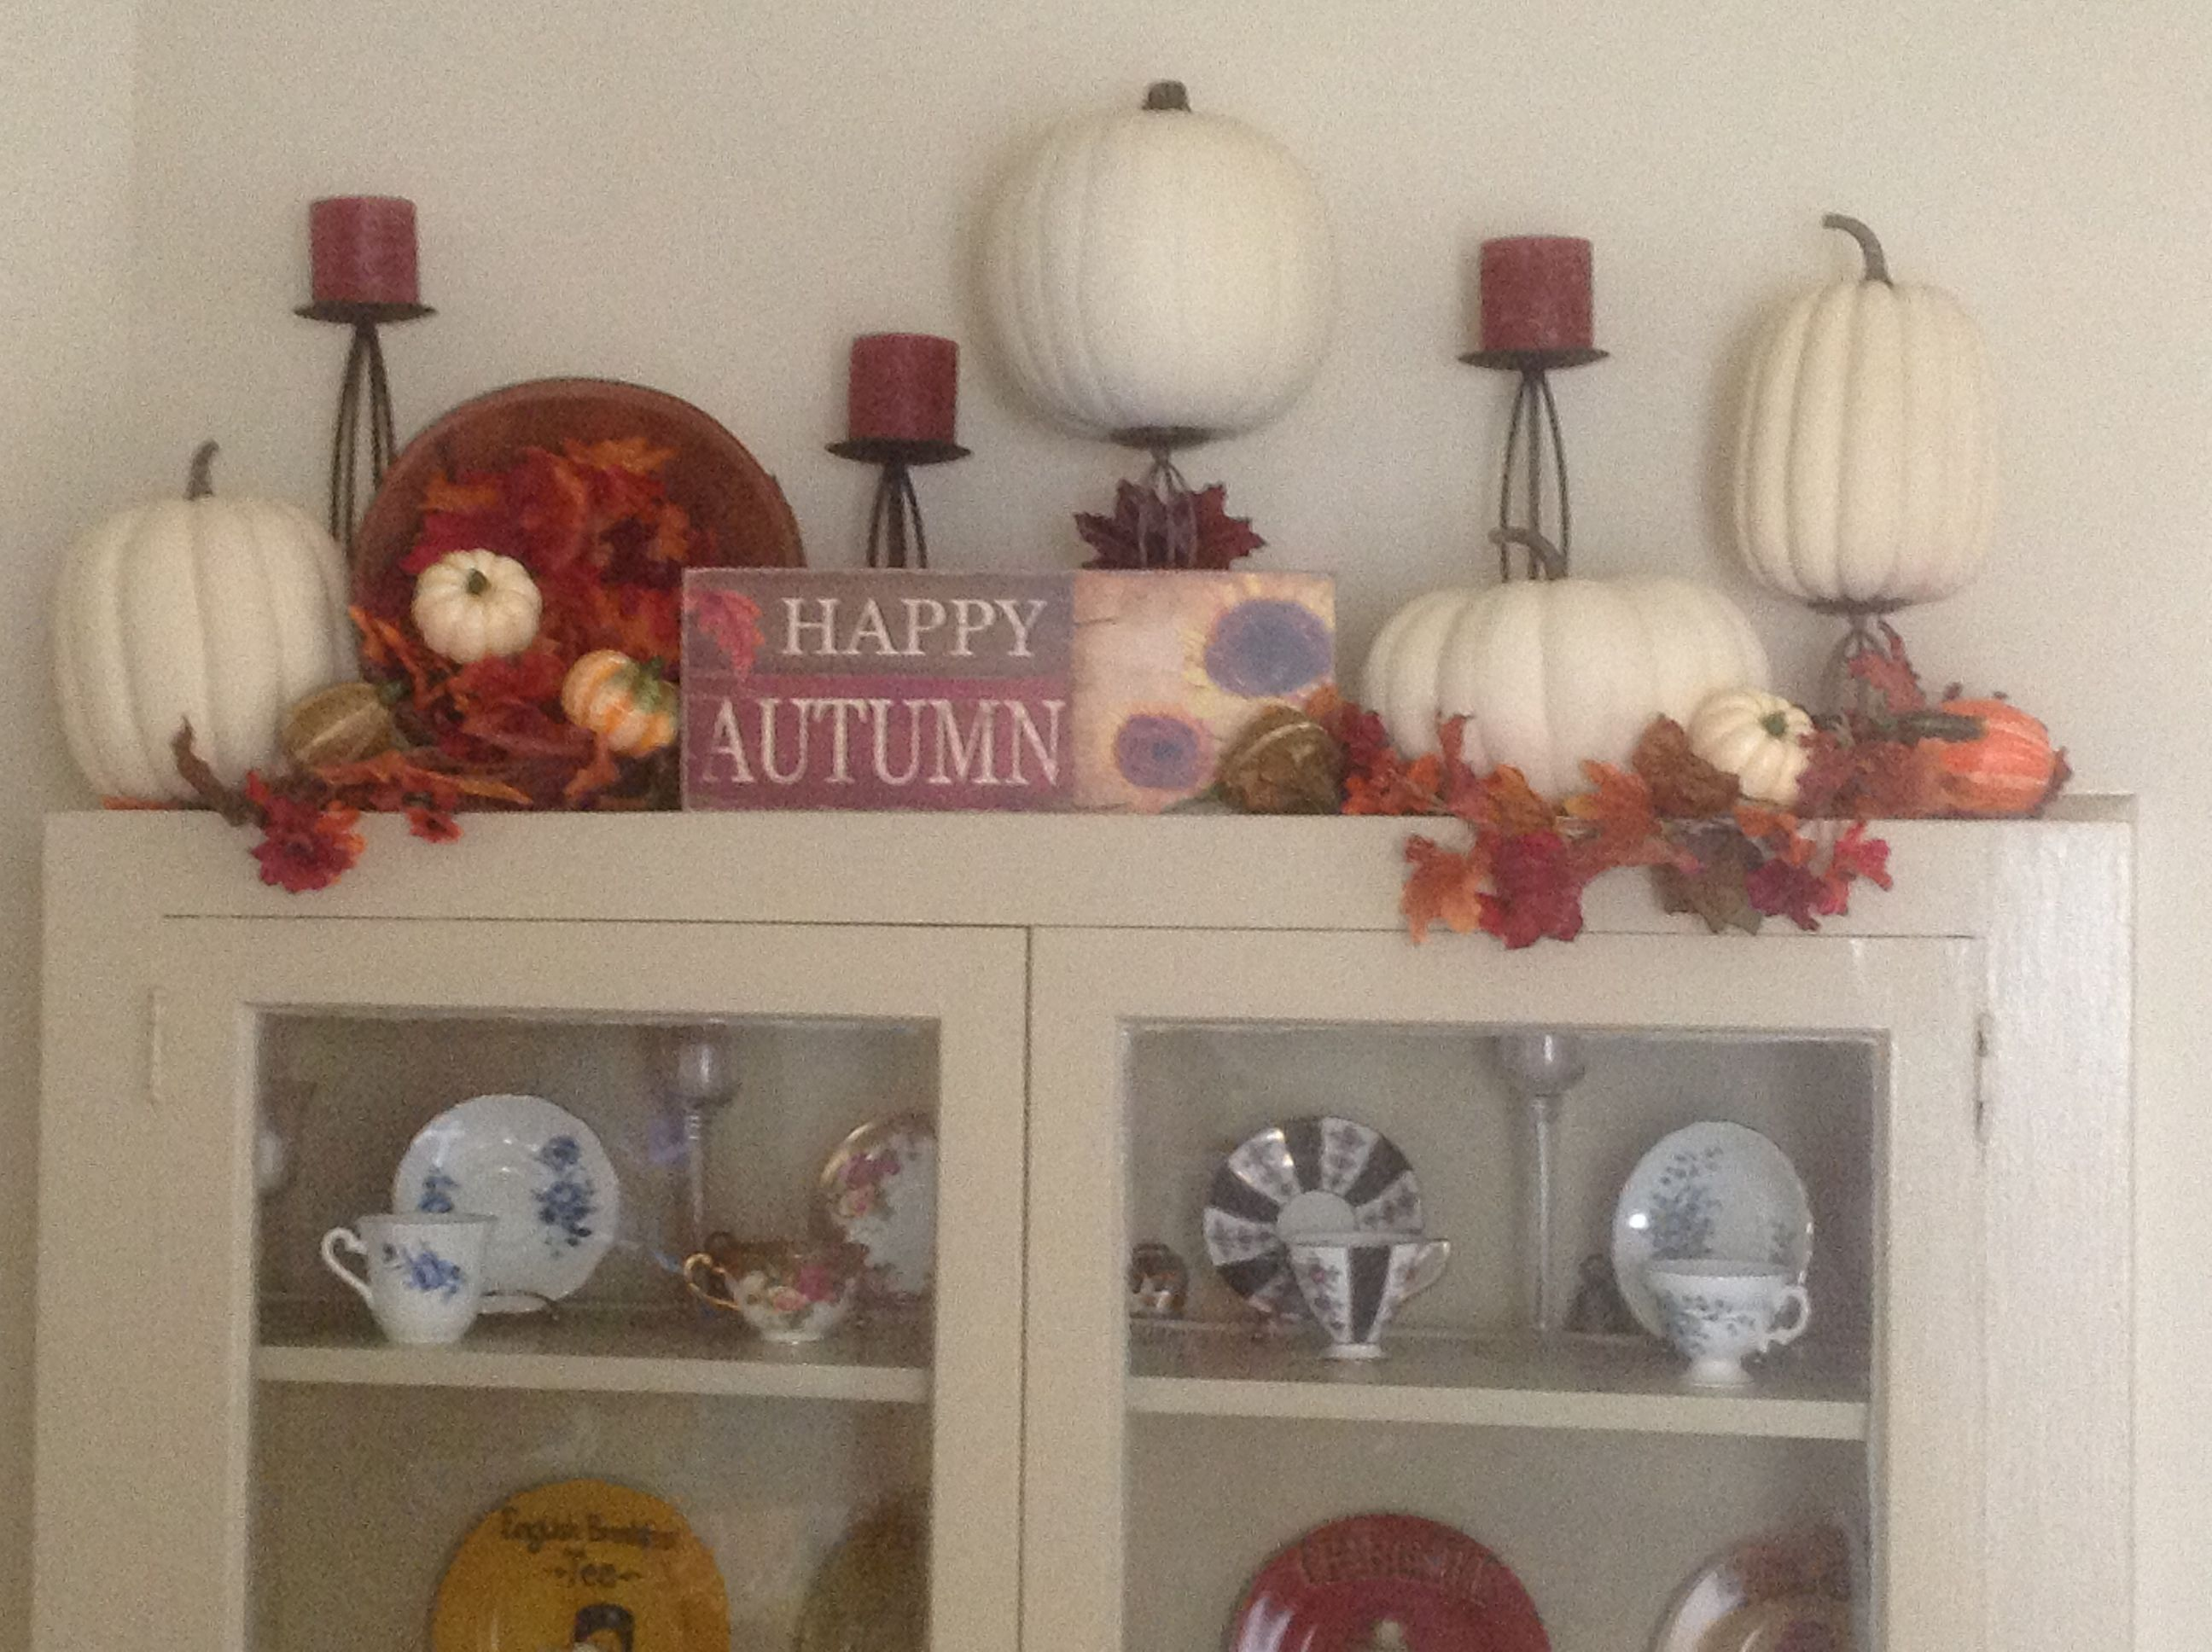 Autumn harvest decor